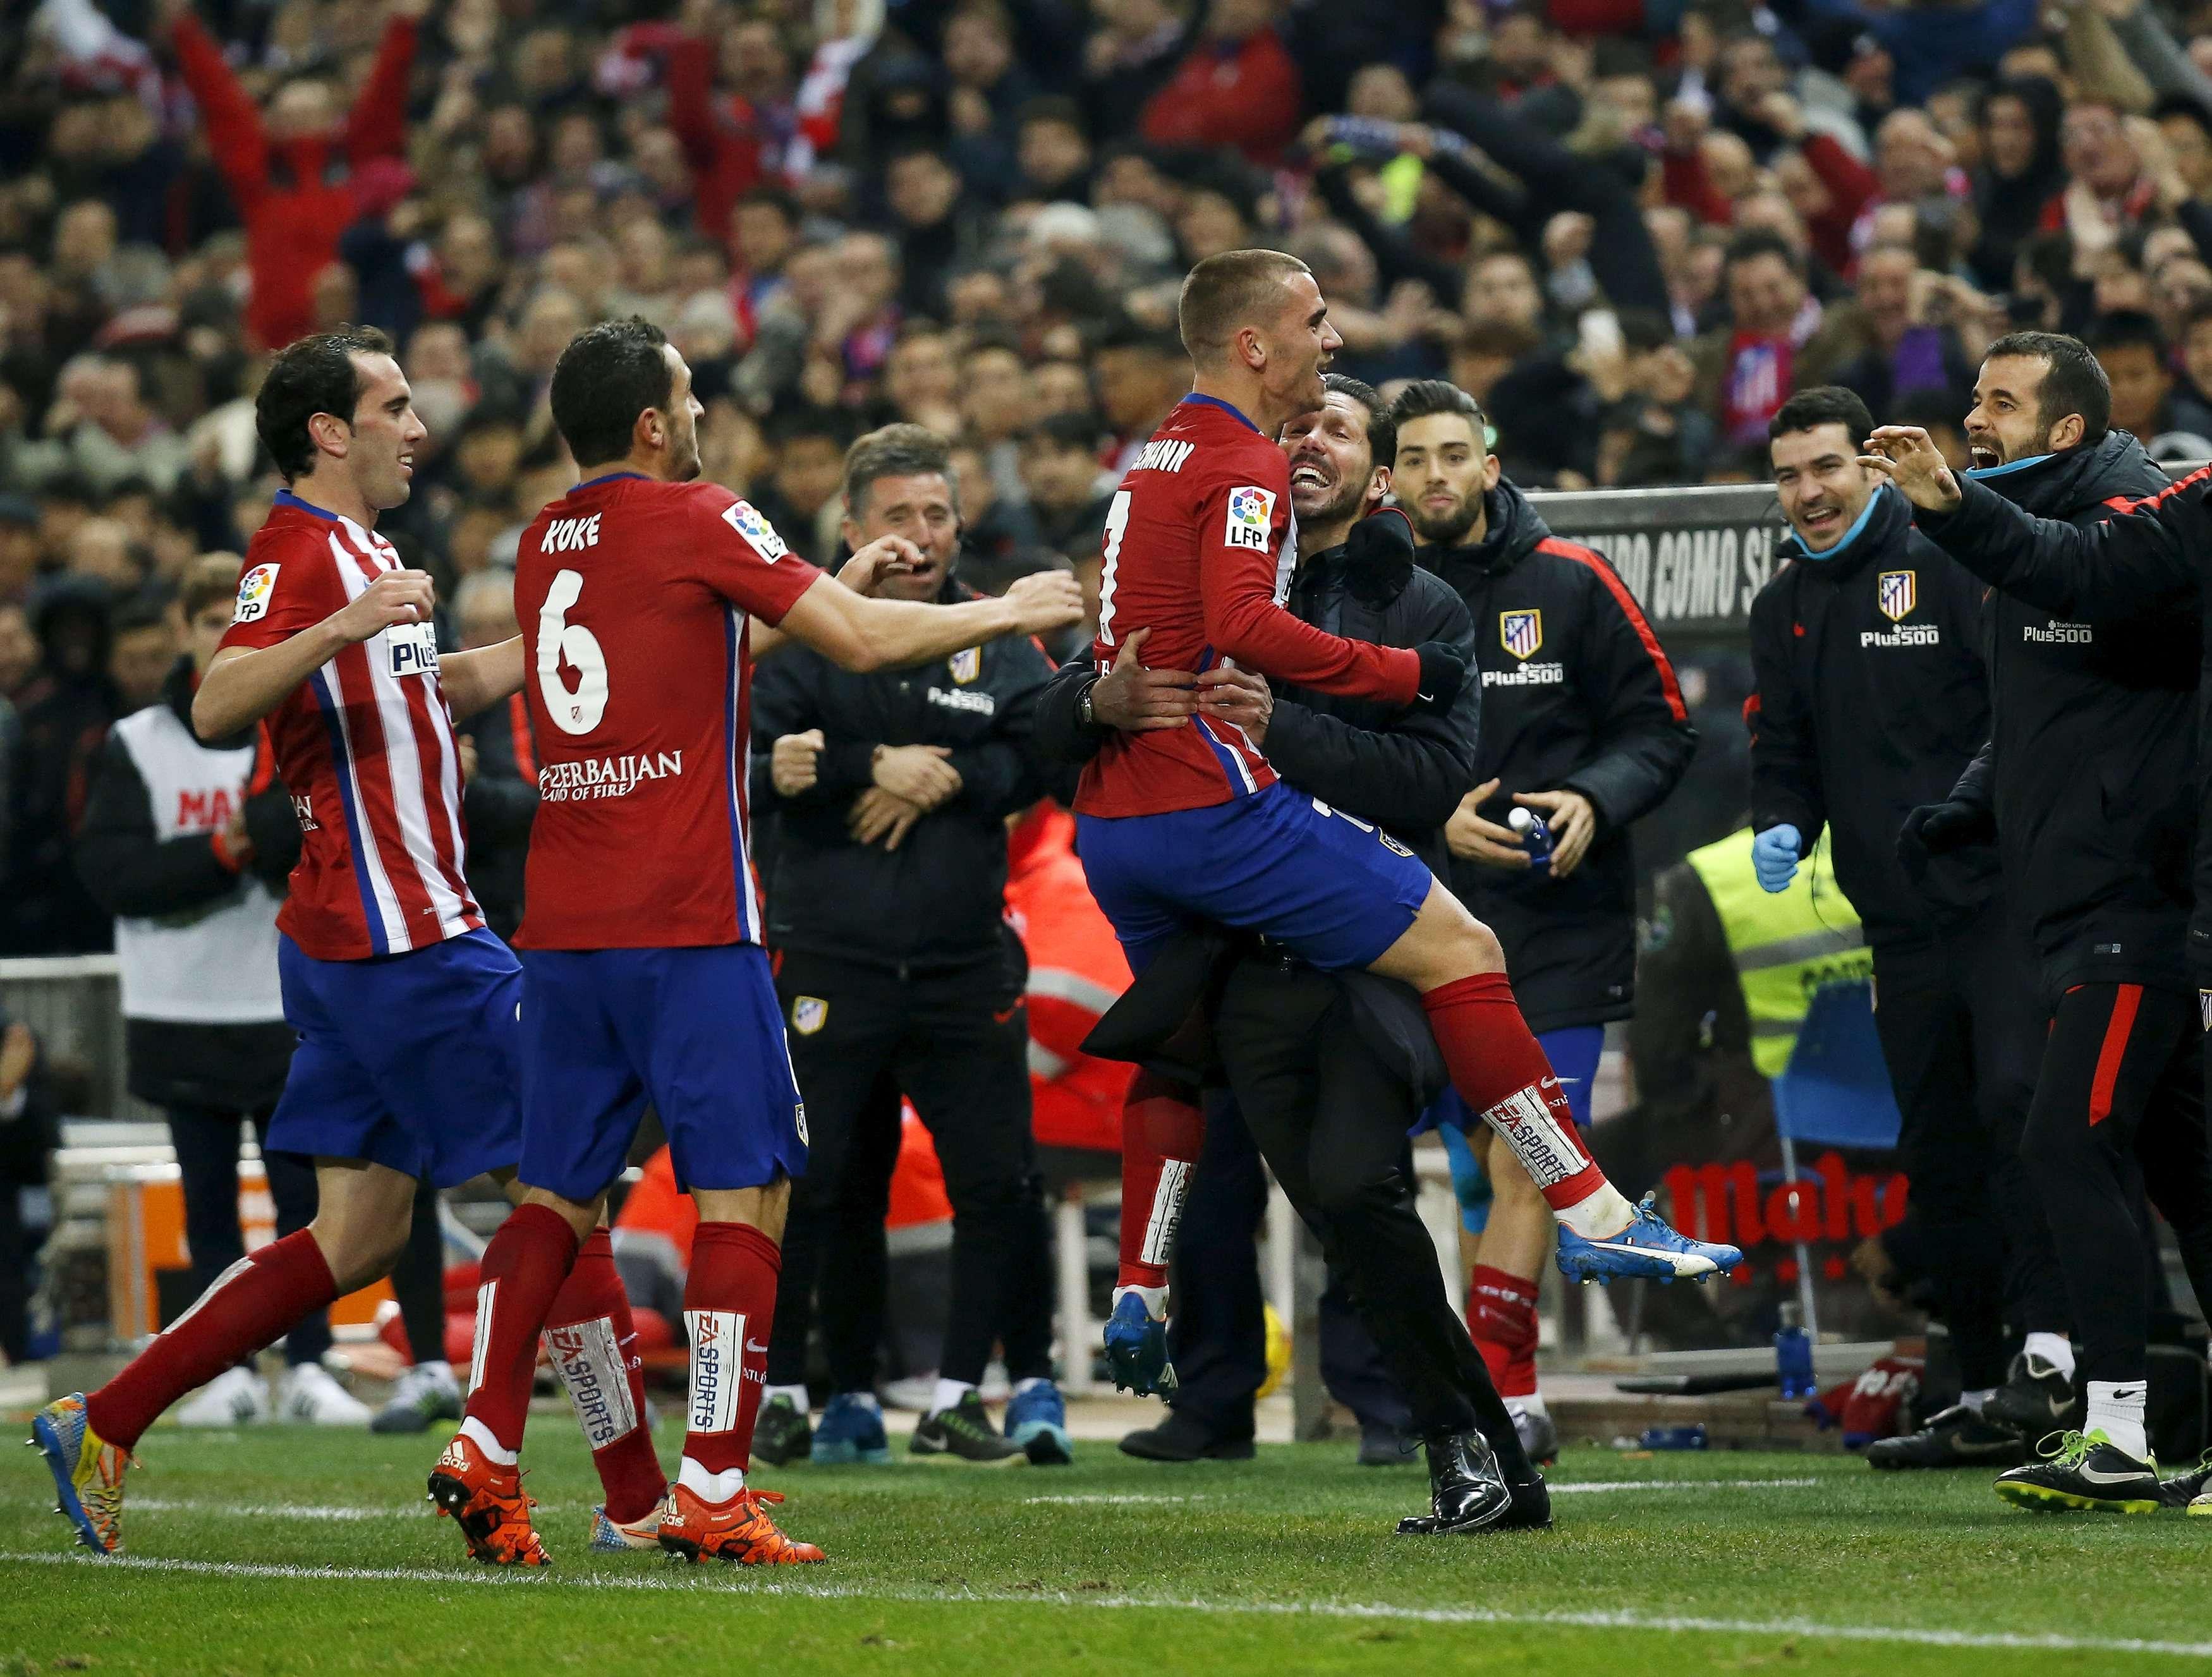 L'Atletico Madrid, 2e avec 35 points, a profité du match nul du Barça pour revenir à hauteur des Barcelonais. Les Madrilènes l'ont emporté 2-1 face à Bilbao grâce à des buts de Niguez et Griezmann.